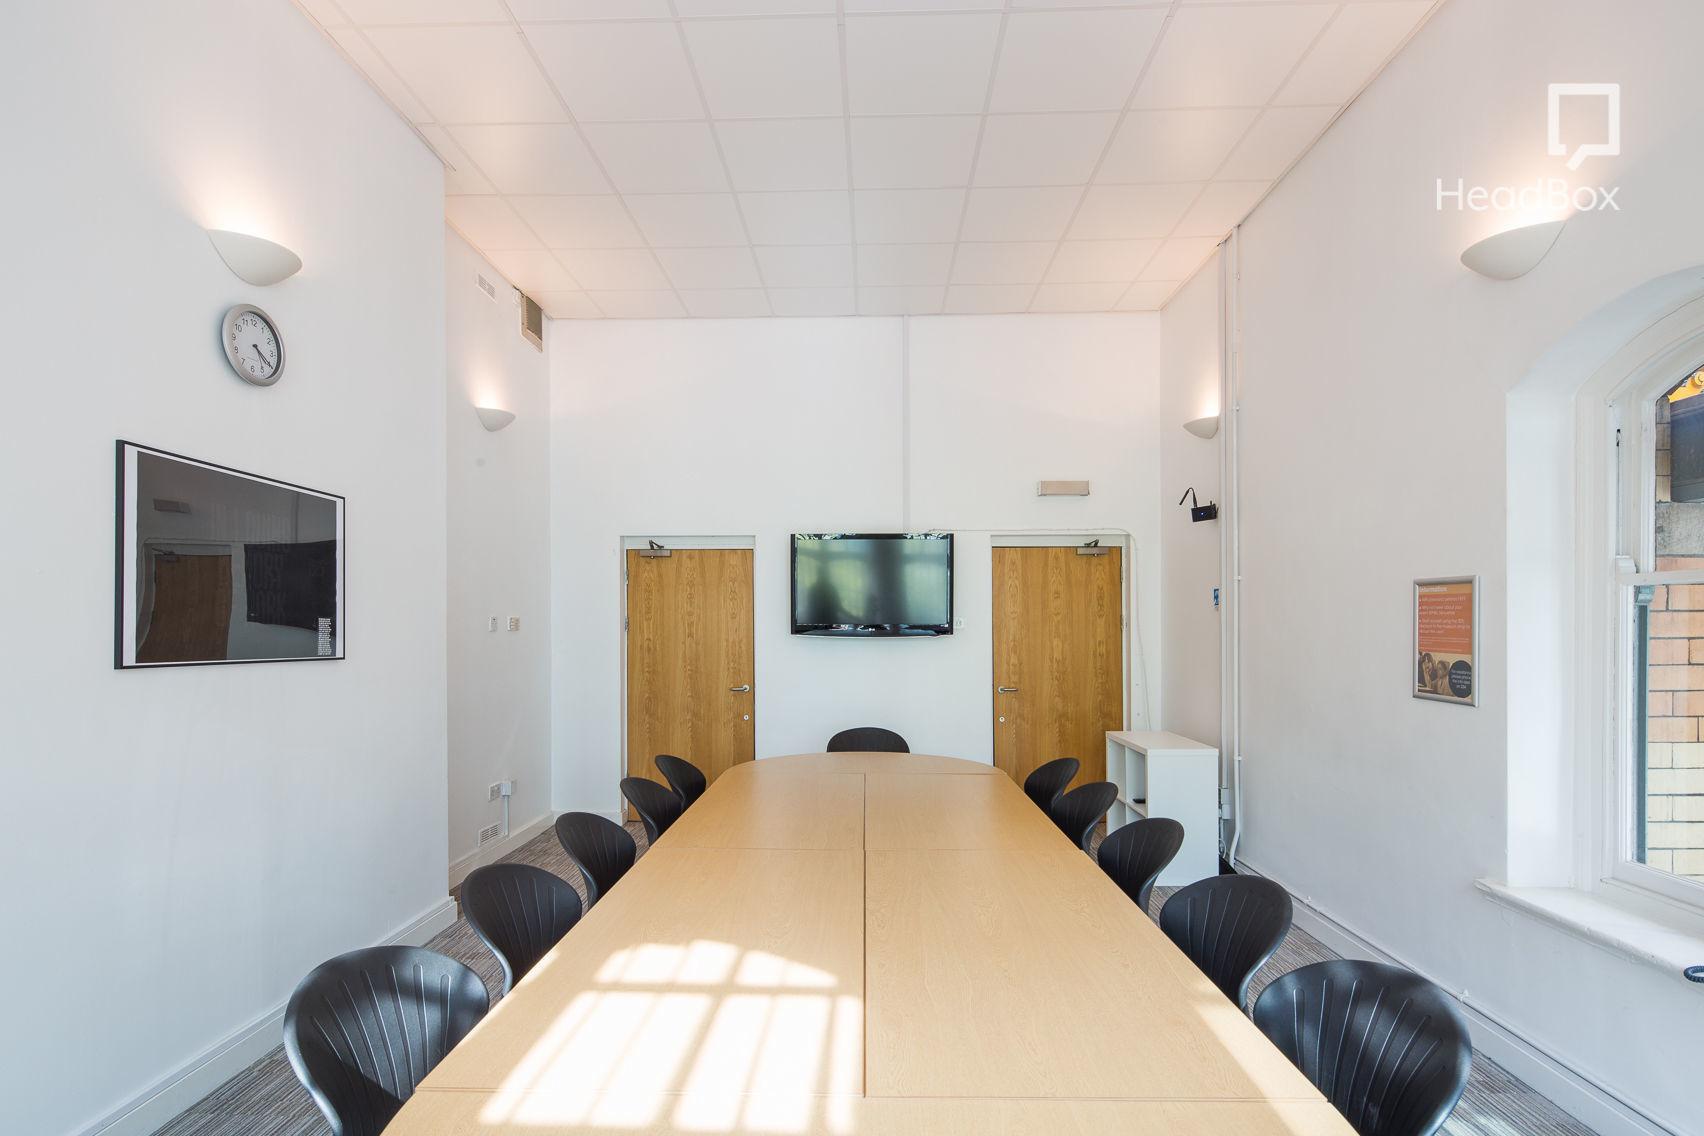 Meeting Room, People's History Museum